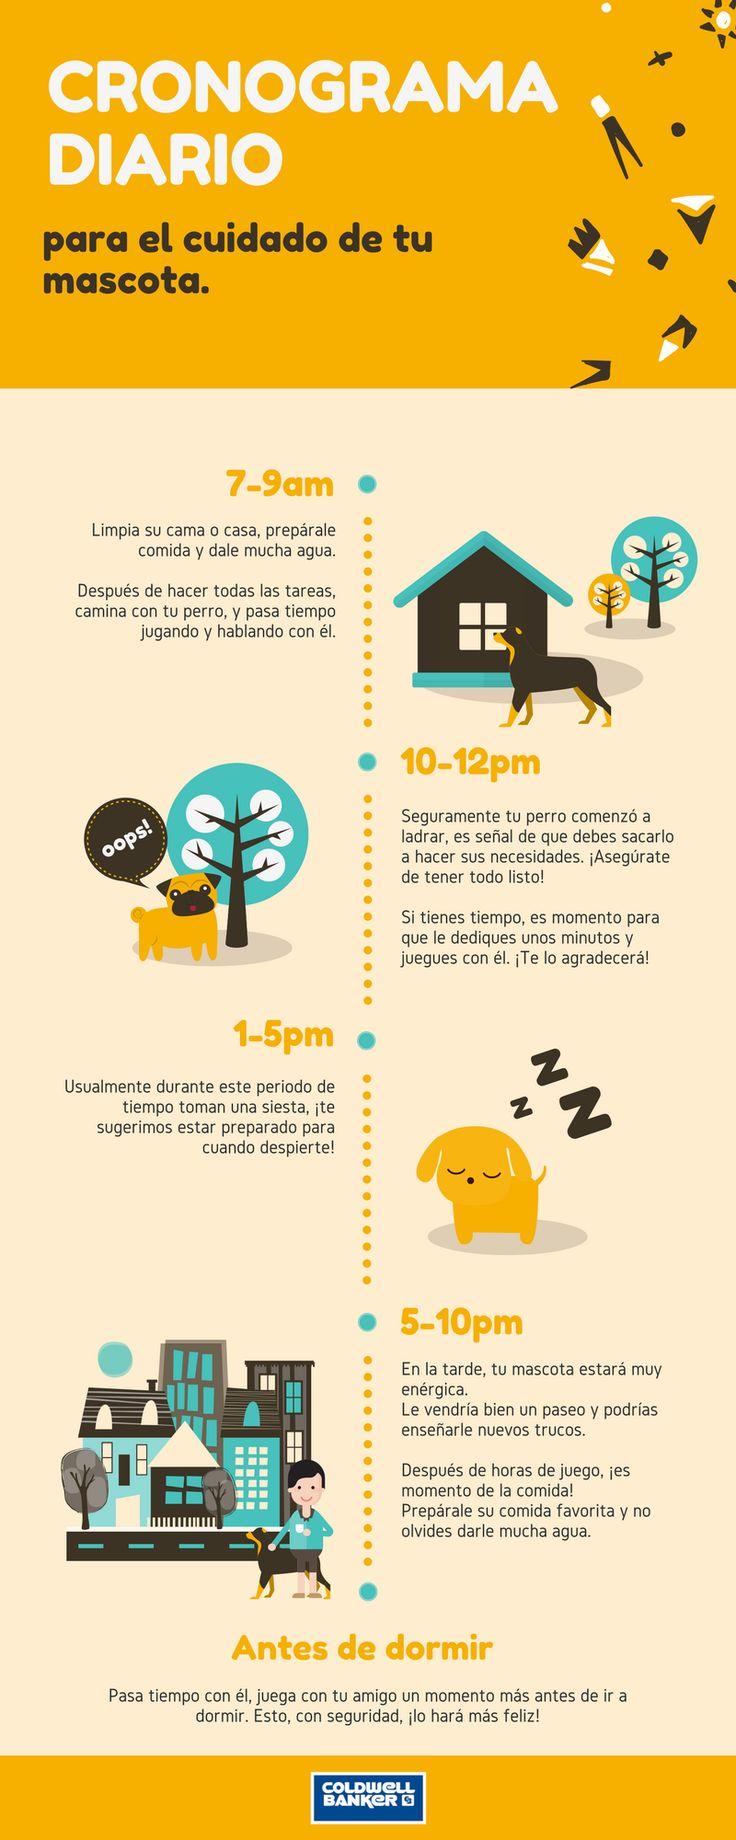 Coldwell Banker te da algunos consejos para que tu mascota y tu vivan felices. #lainmobiliariaazul #cbcolombia #adoptanocompres